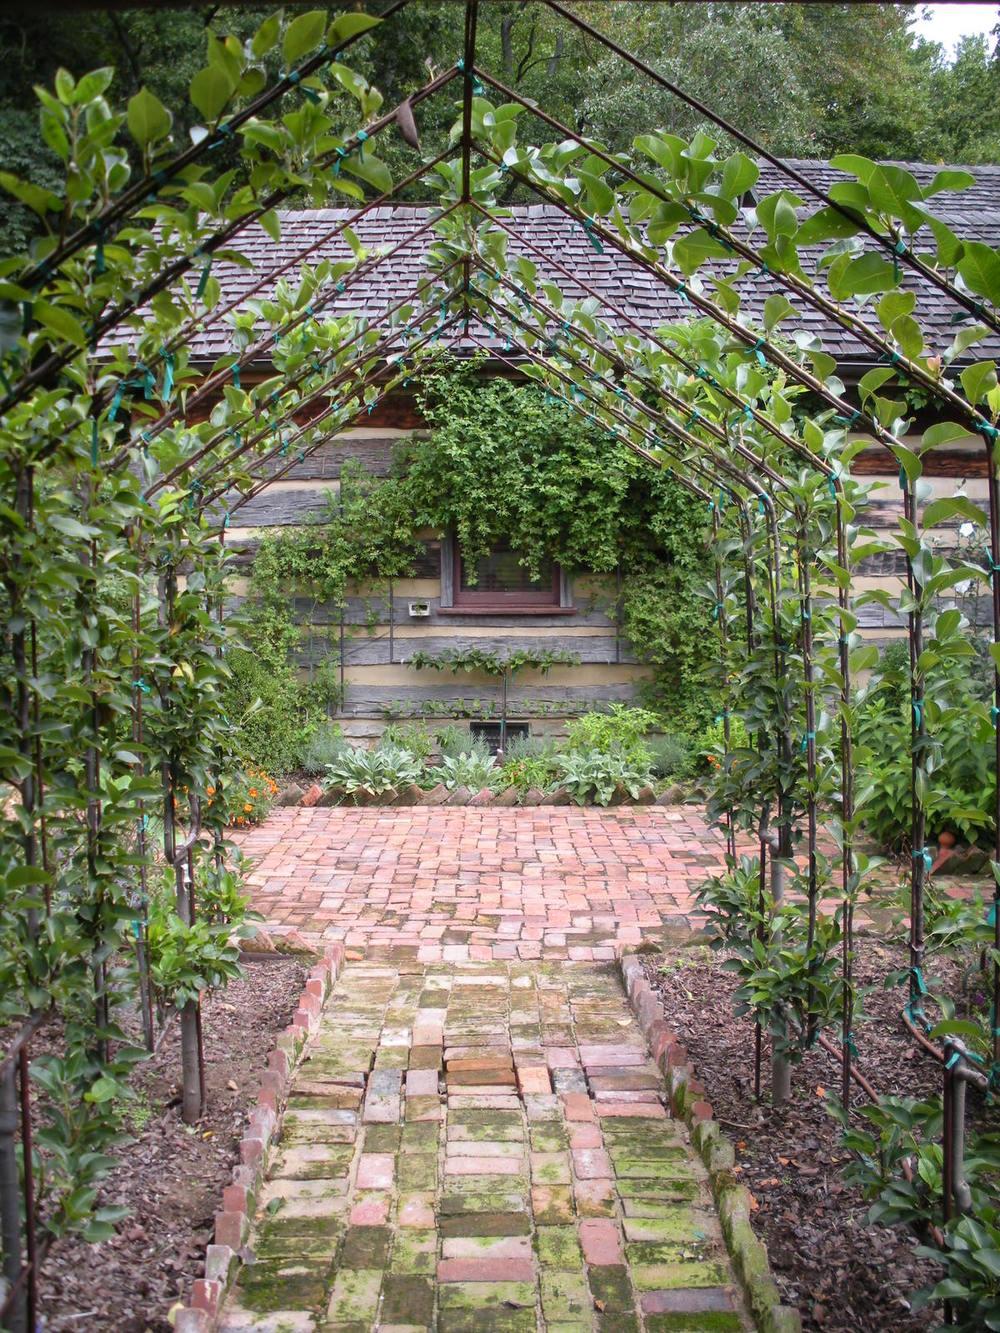 Justin Stelter Landscape Gardening - Espalier Installations - 2886248453_80e769320b_o.jpg